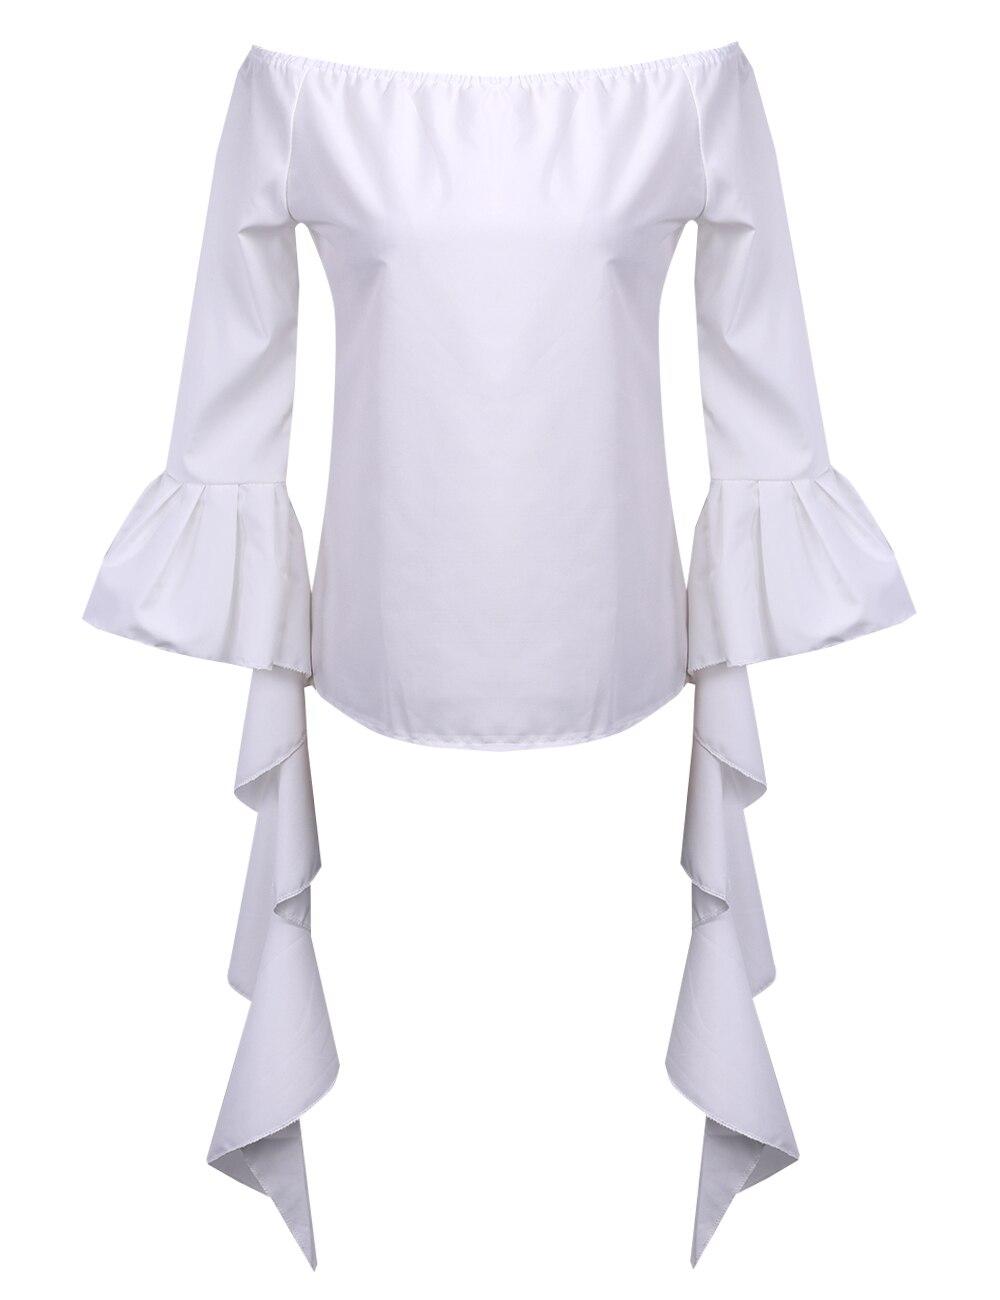 NUEVAS Mujeres de La Moda Delgado 3/4 de La Manga Casual Camisa Blusa Tops Hombr